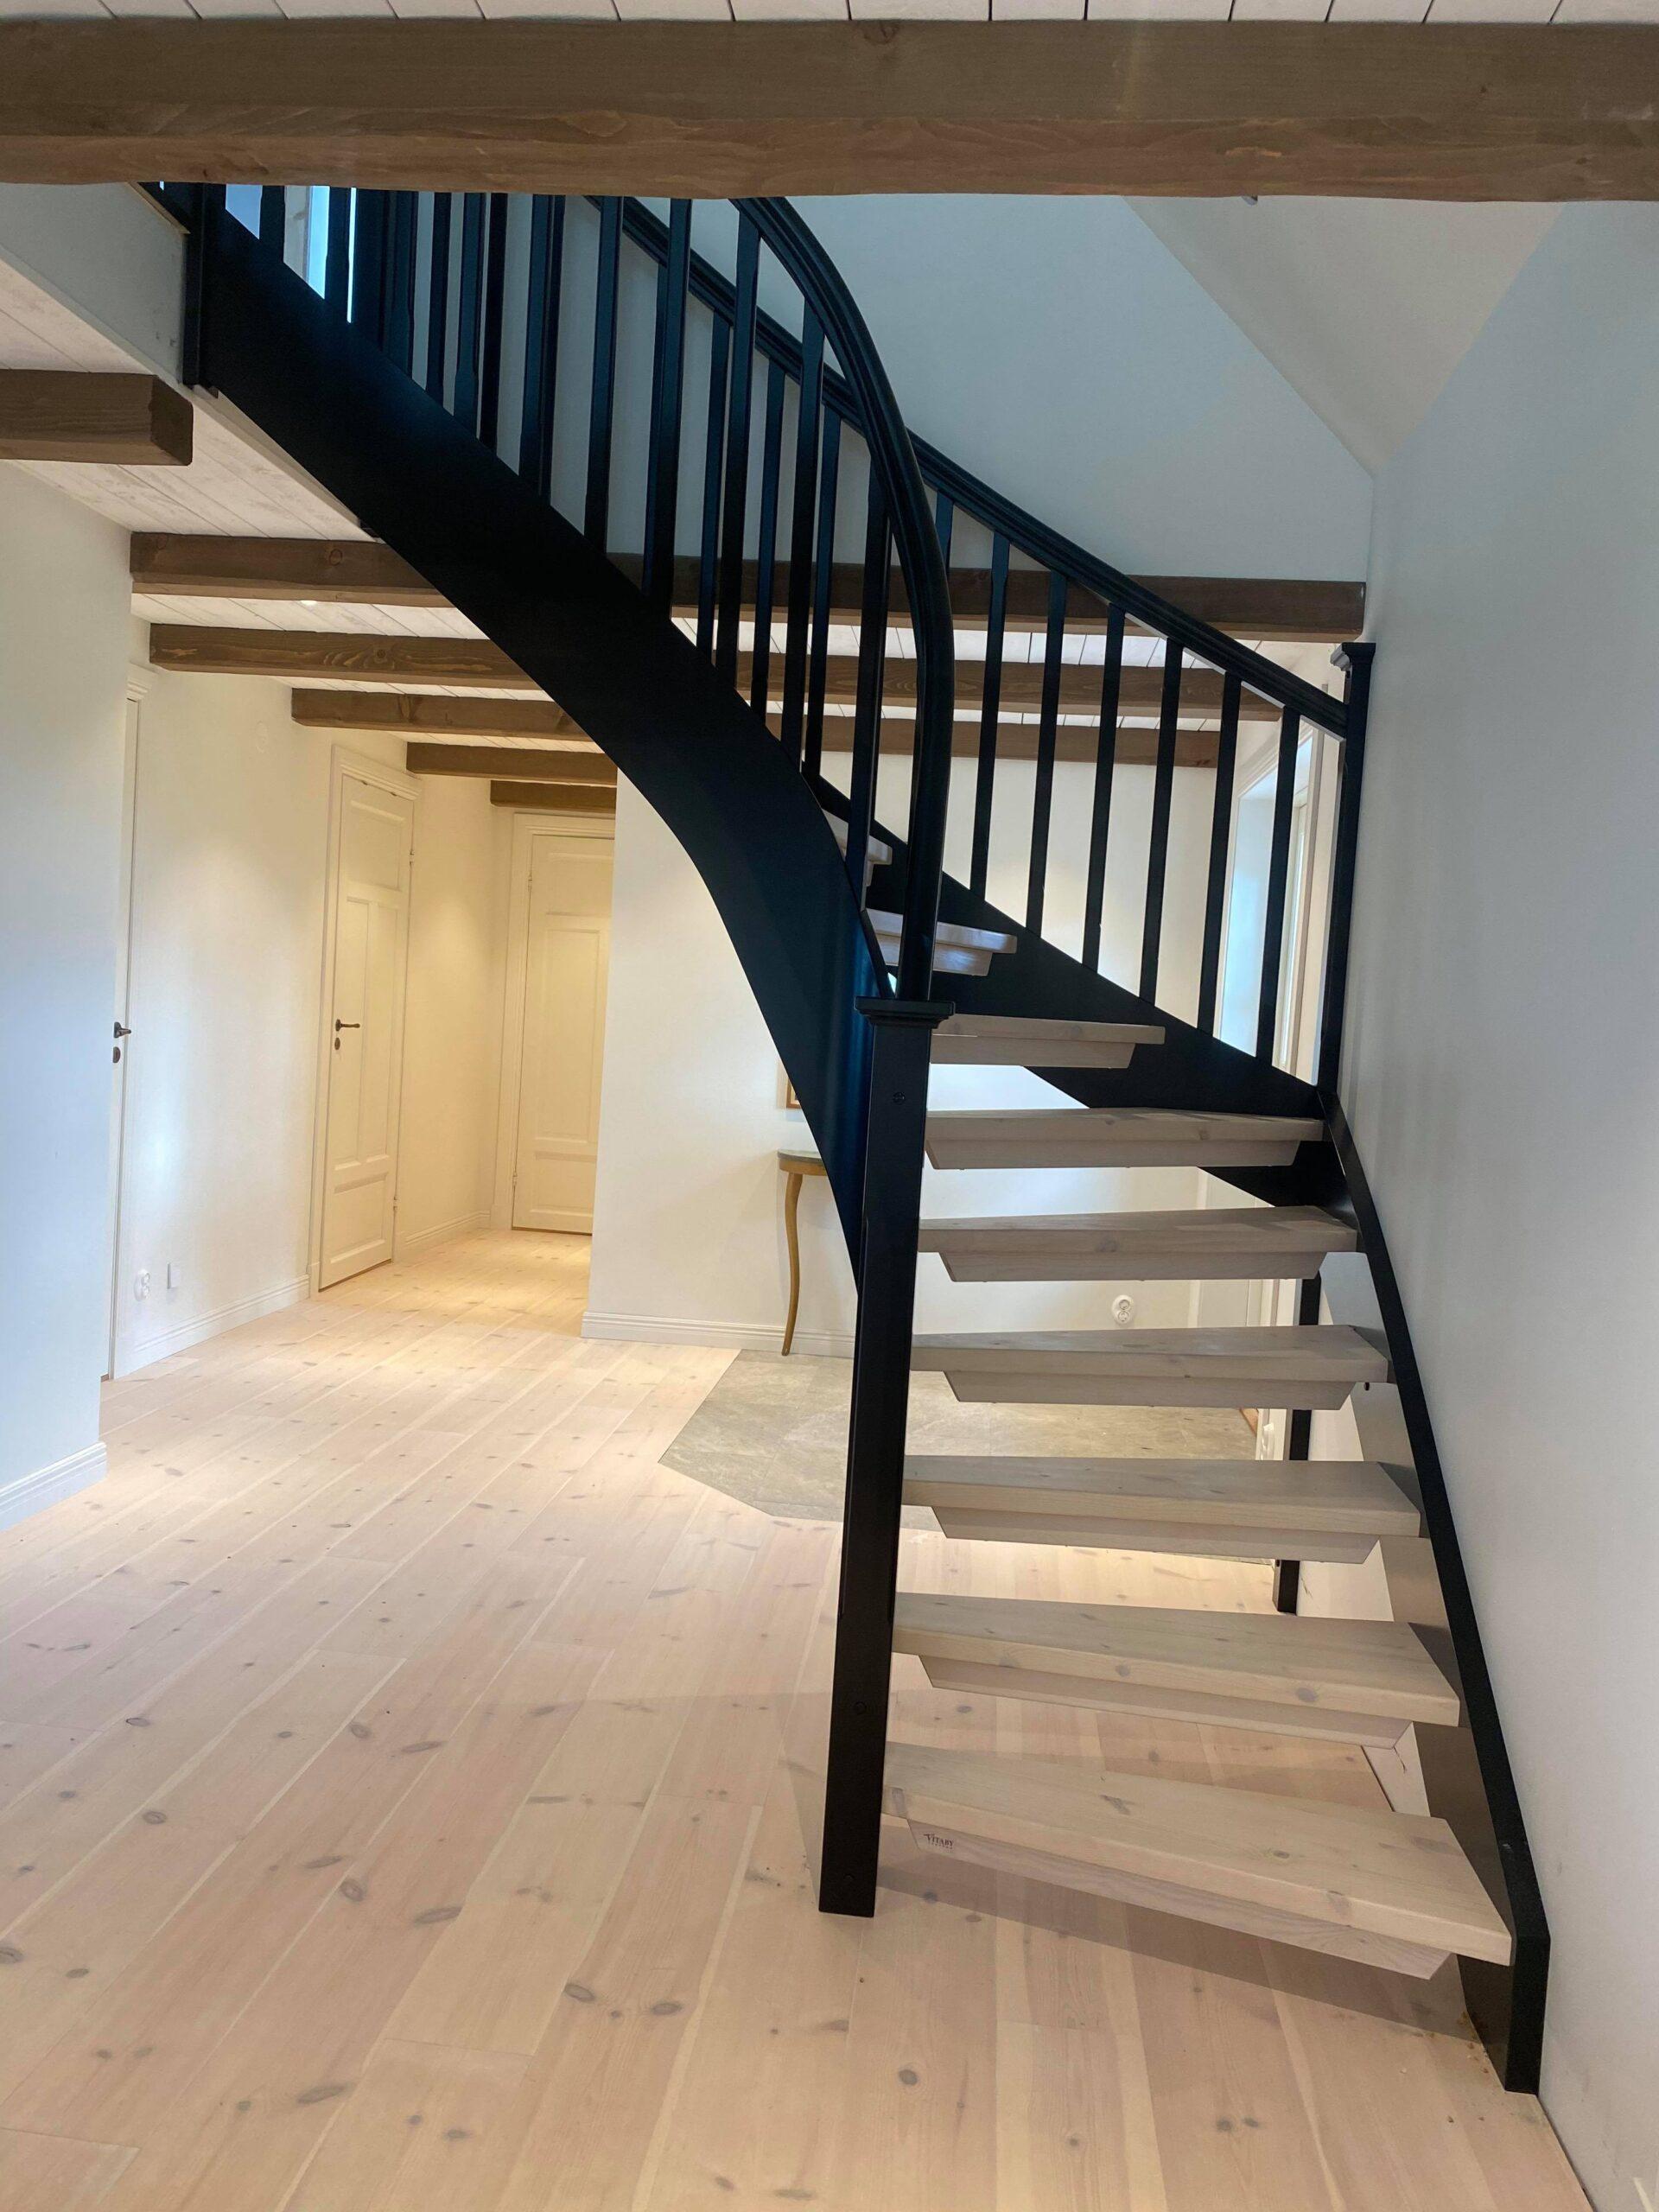 ljus parkett som följer med i trappstegen, trappa med svart räcke